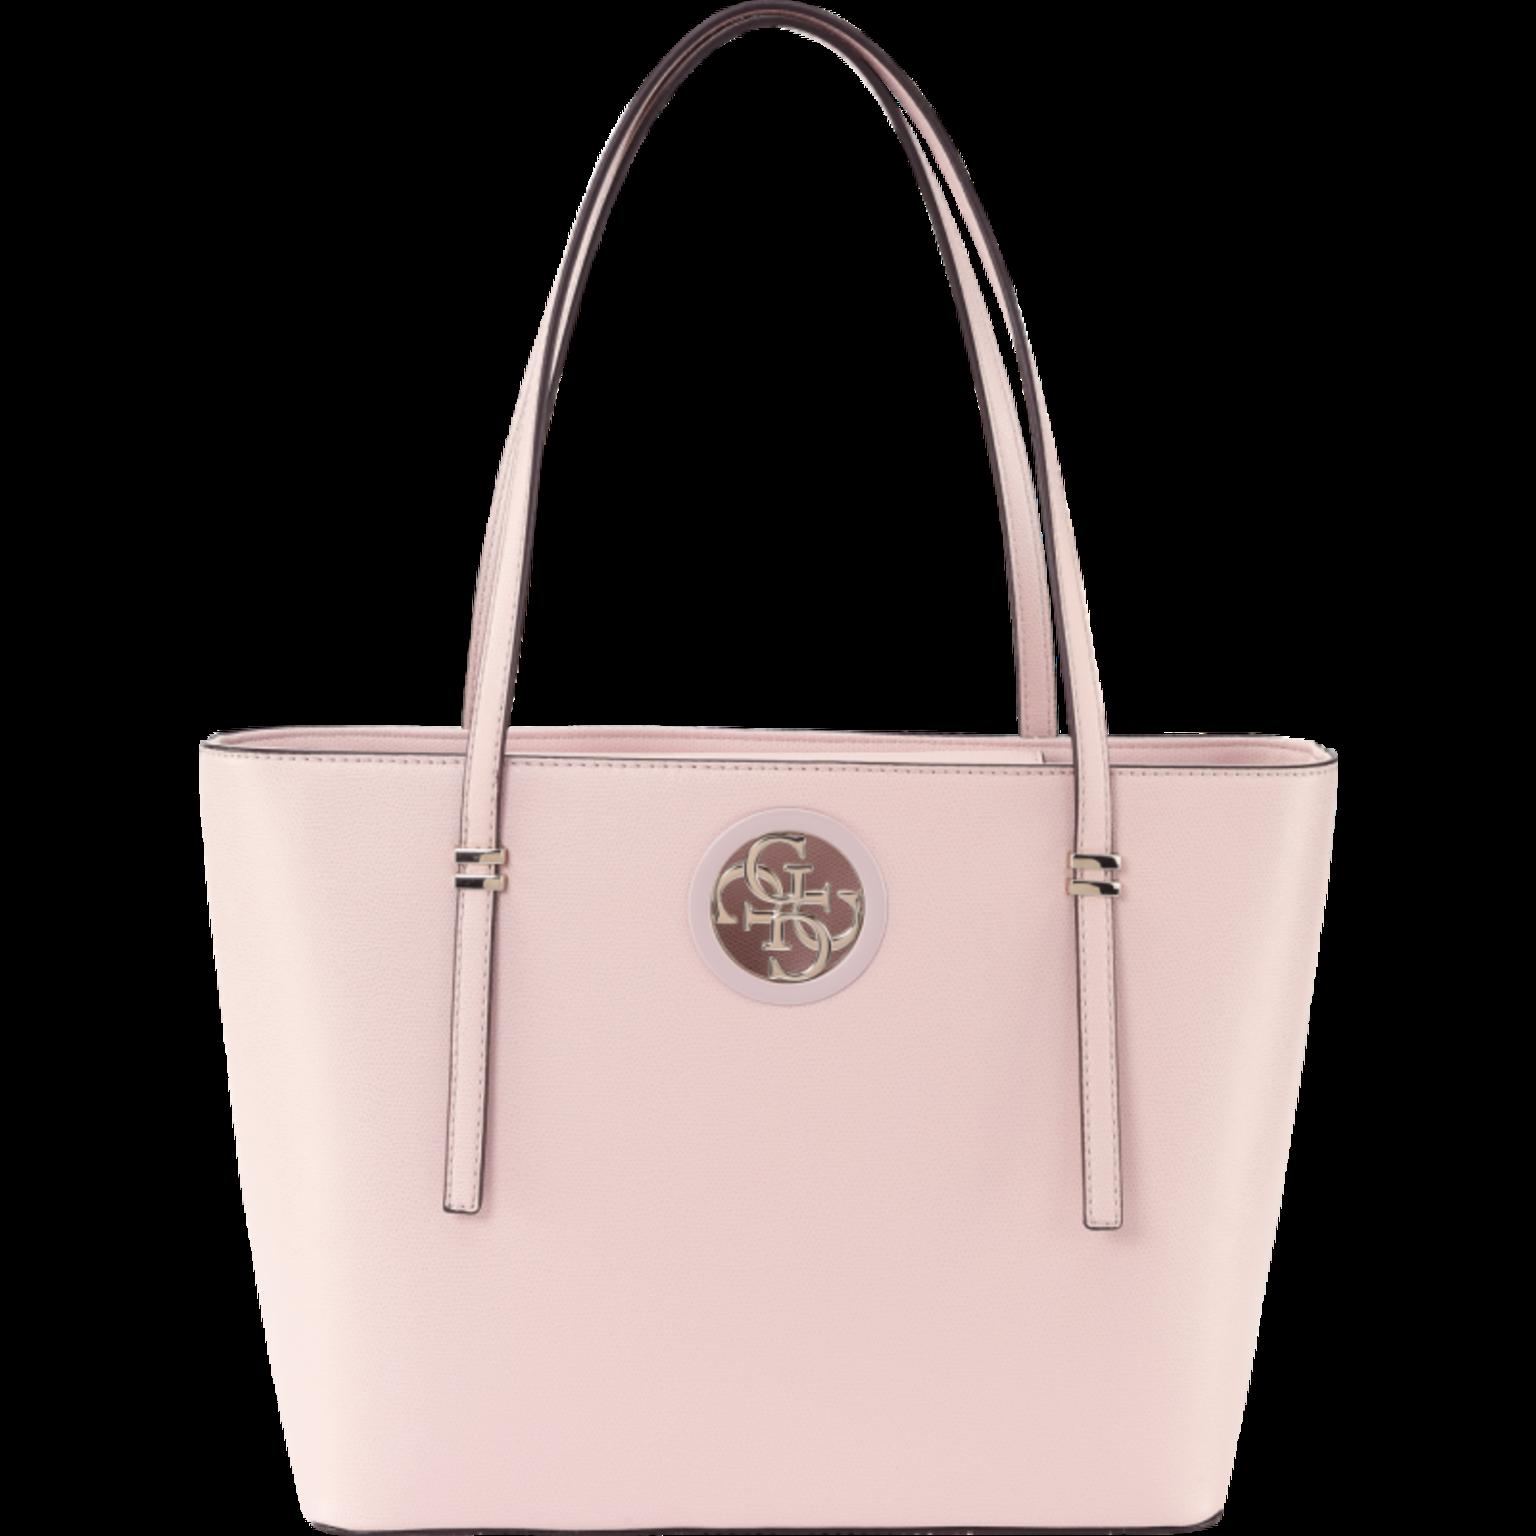 GUESS women's bag